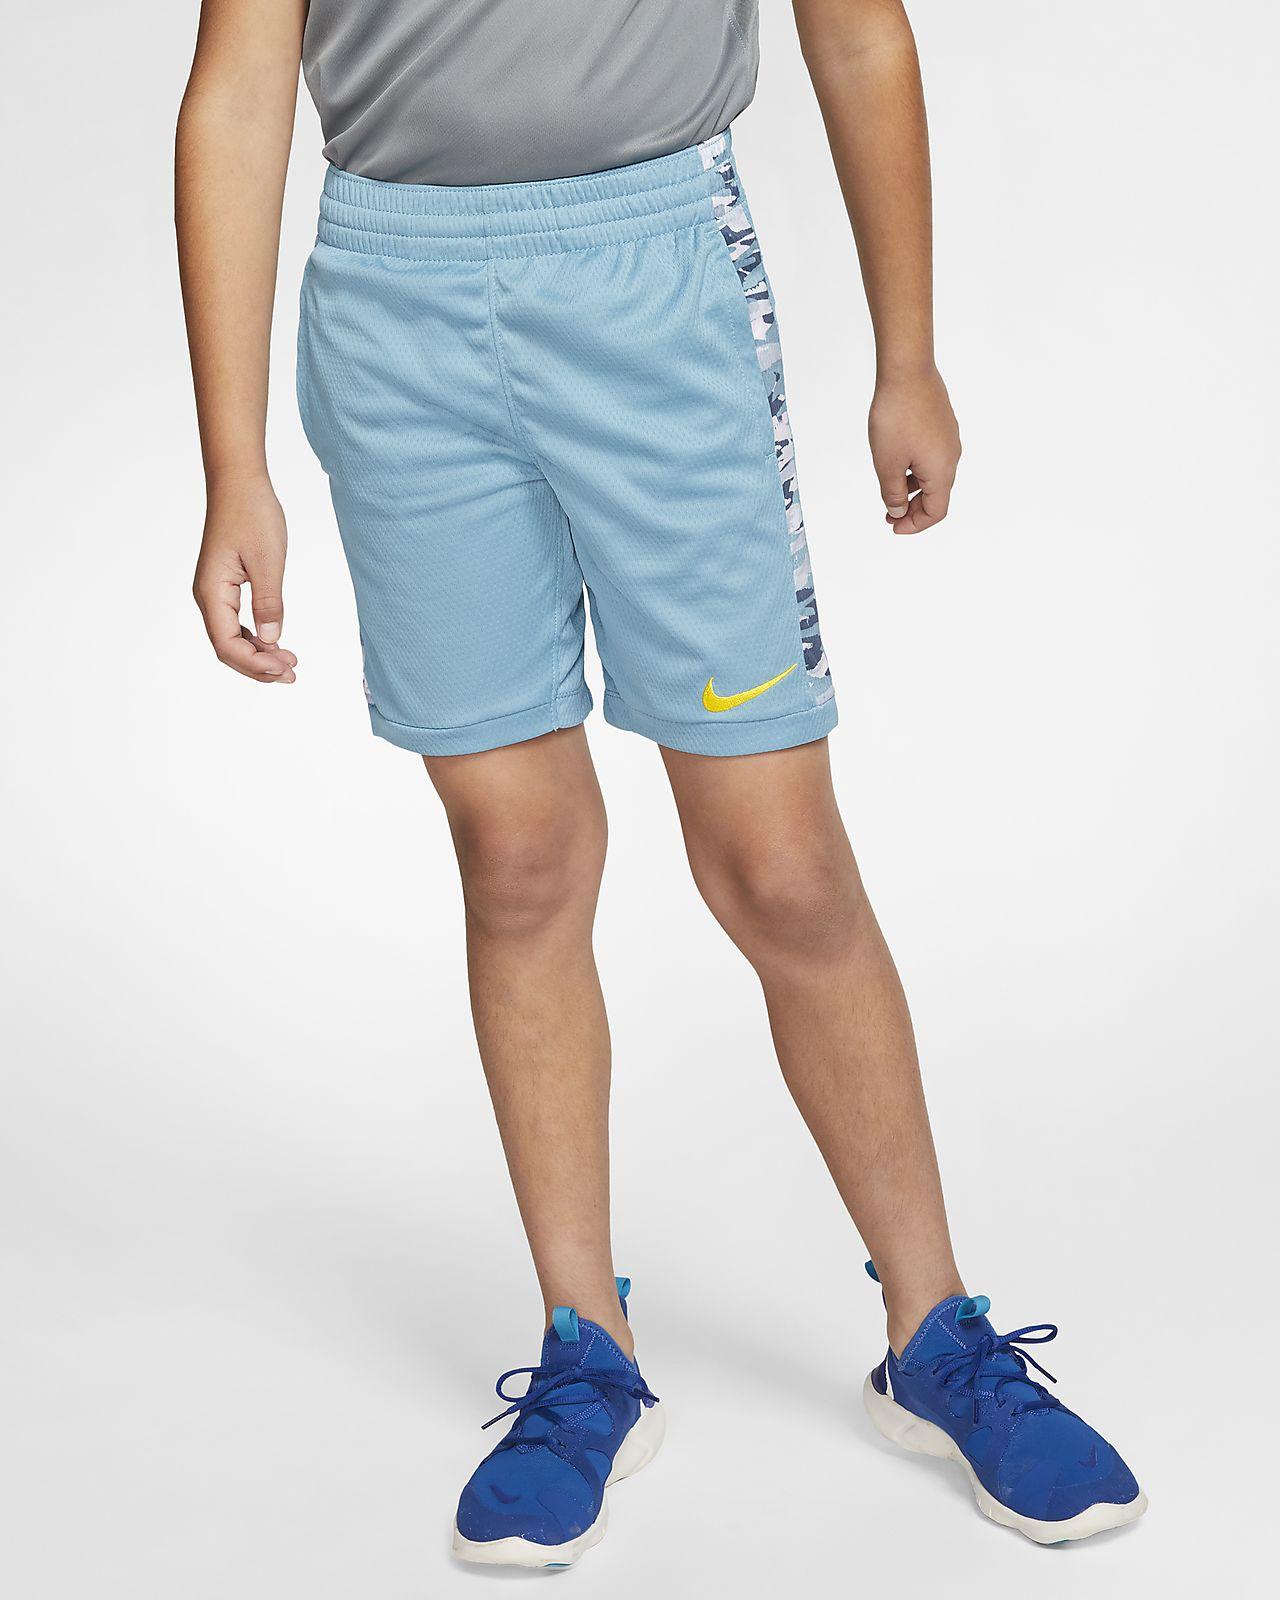 Nike Dri-FIT Big Kids Printed Training Shorts,Royal//White,Small Boys